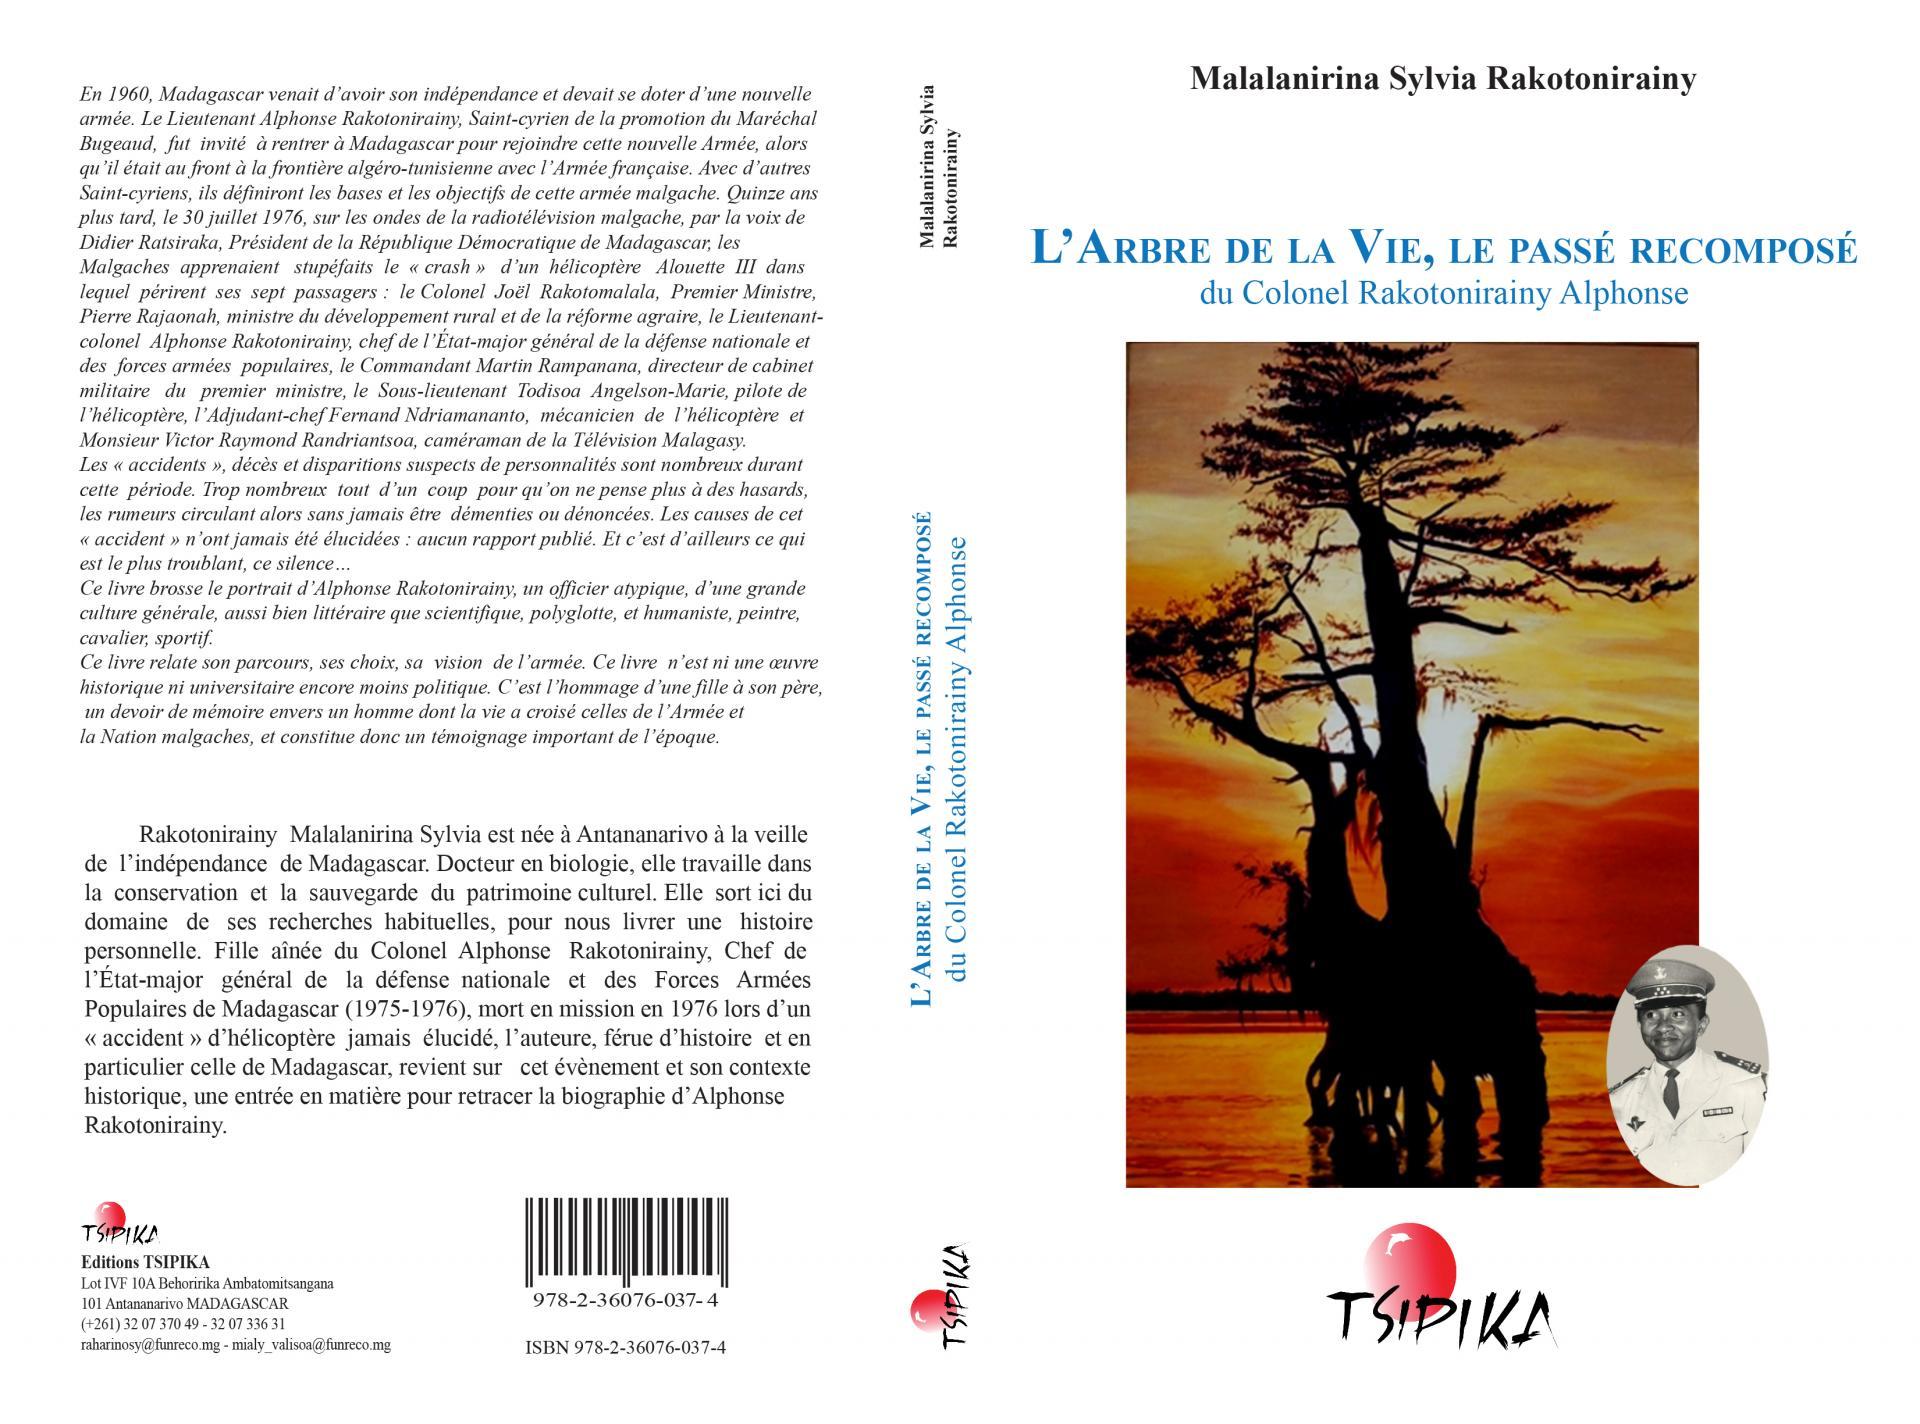 Couverture livre arbre de la vie ms rakotonirainy 2016